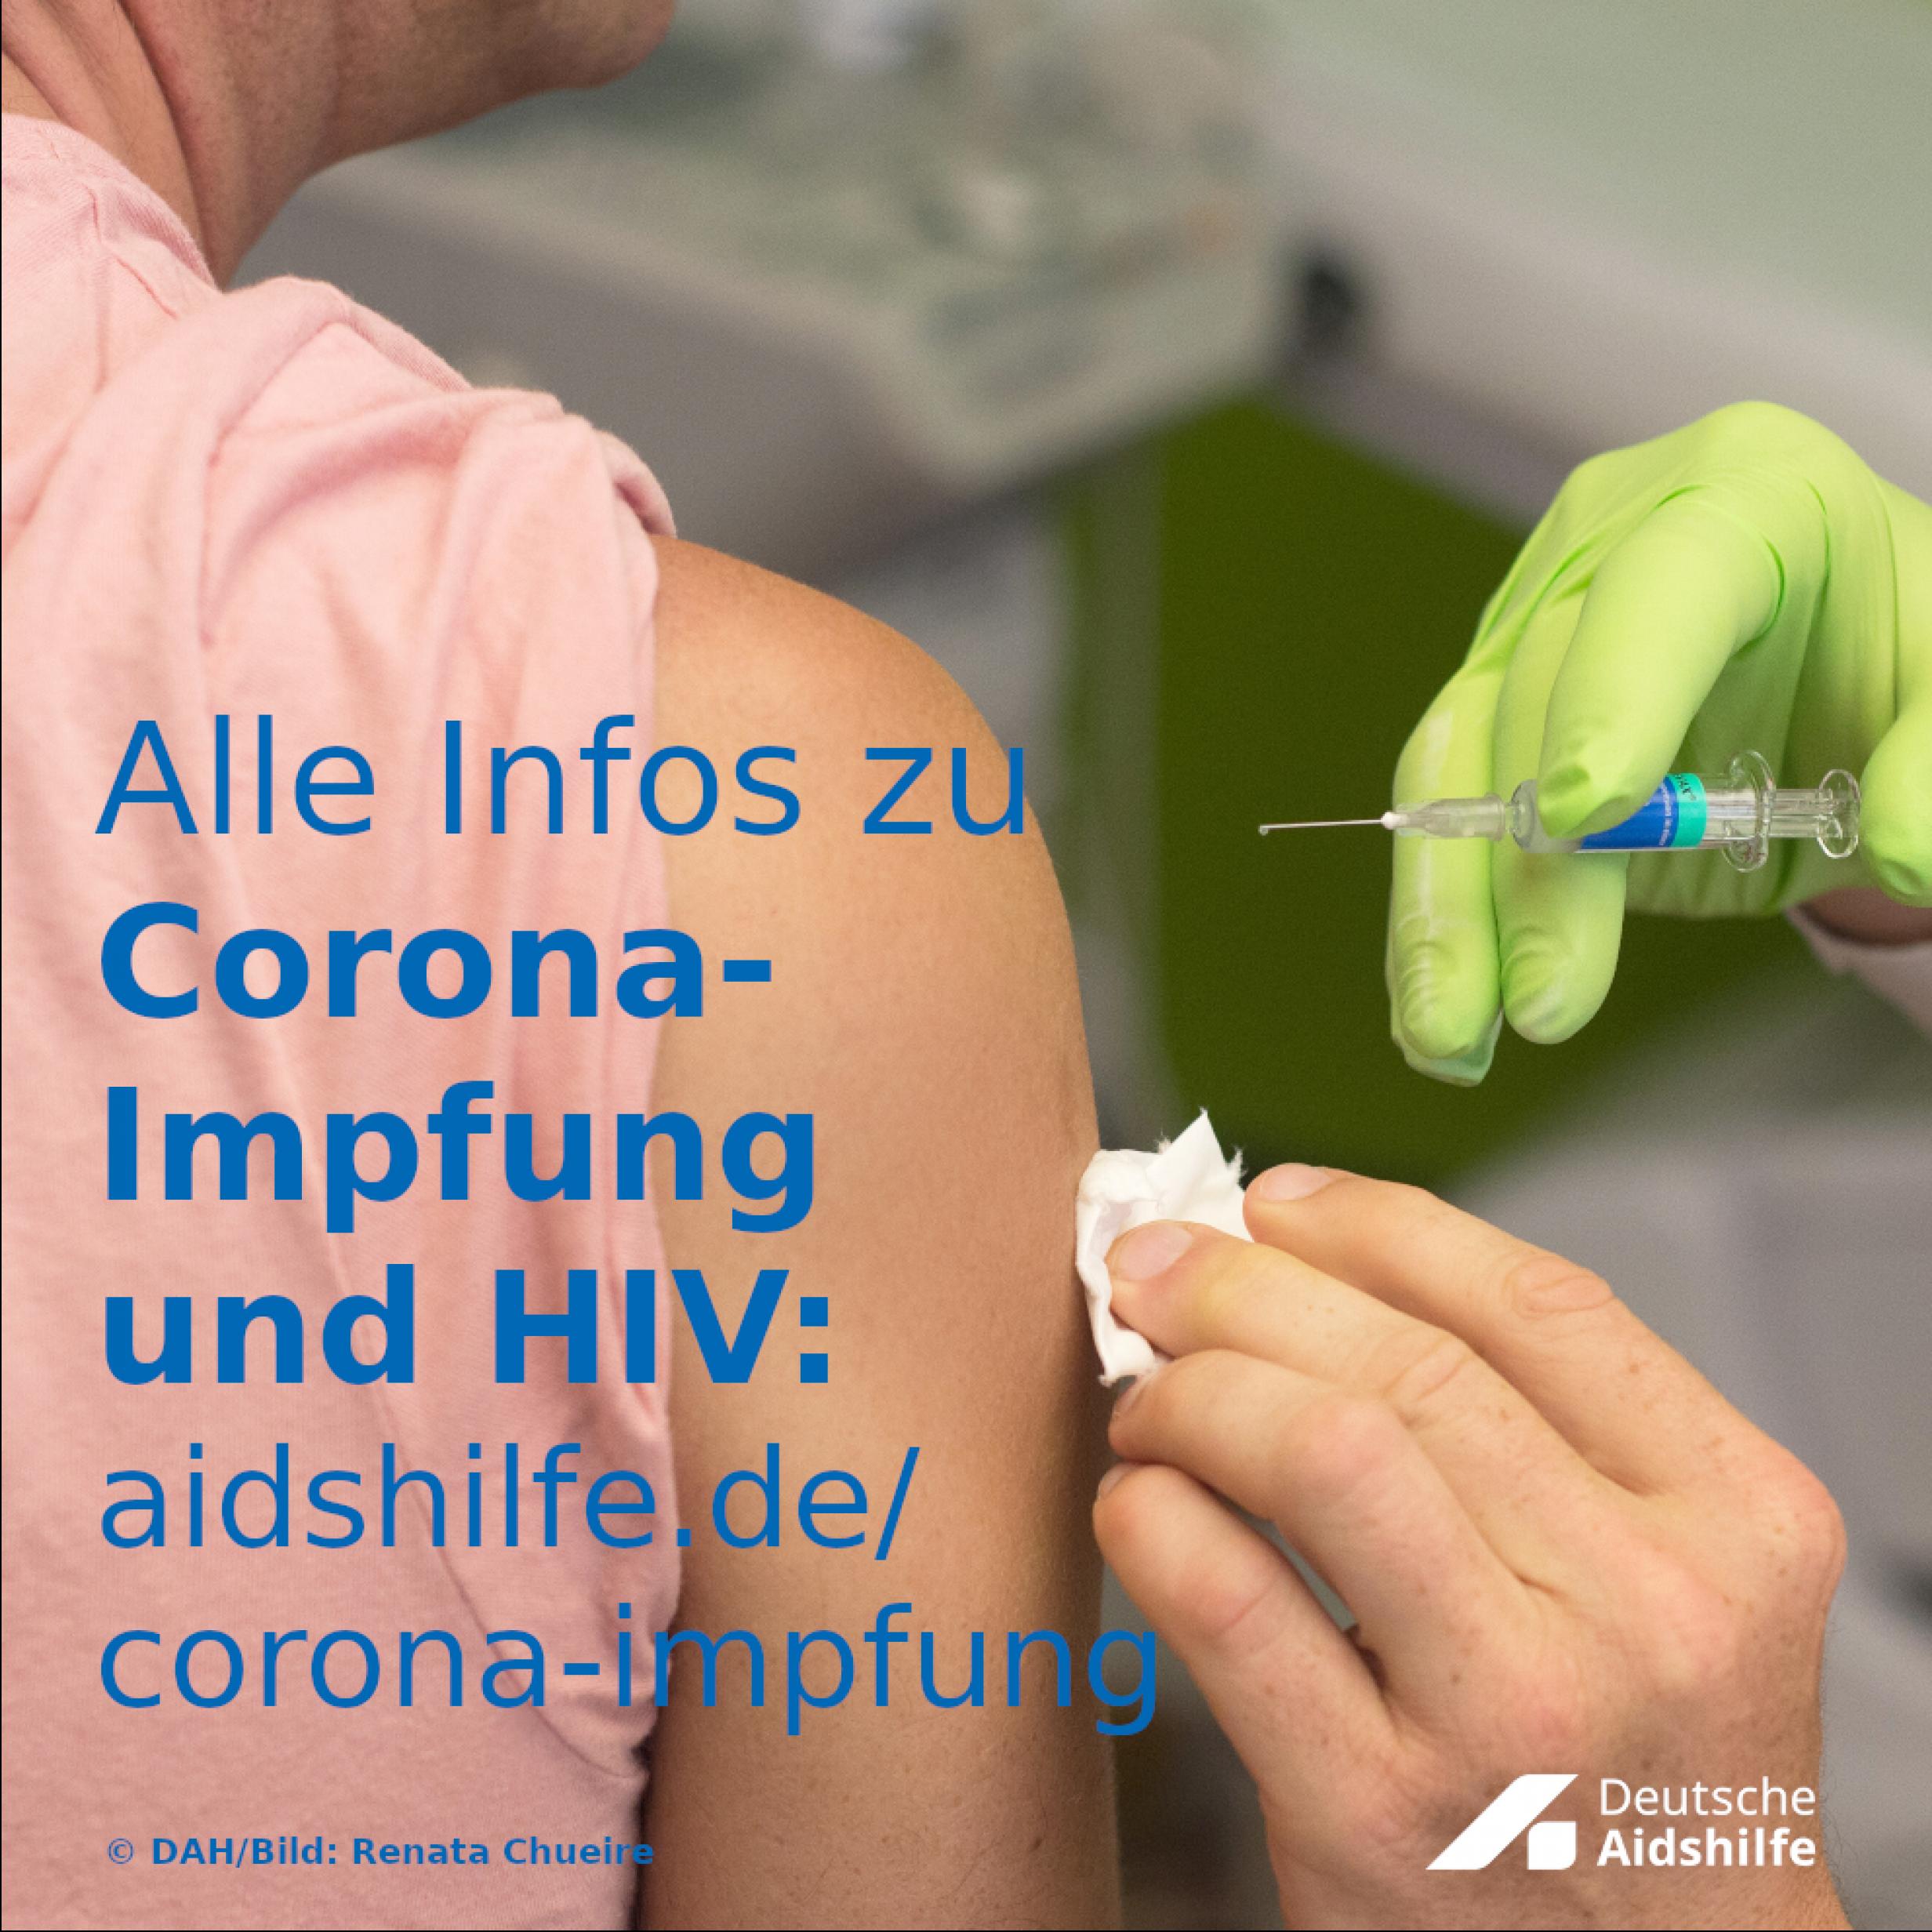 Eine Person bekommt eine Spritze in den Oberarm. Davor der Text: Alle Infos zu Corona-Impfung und HIV: aidshilfe.de/corona-impfung